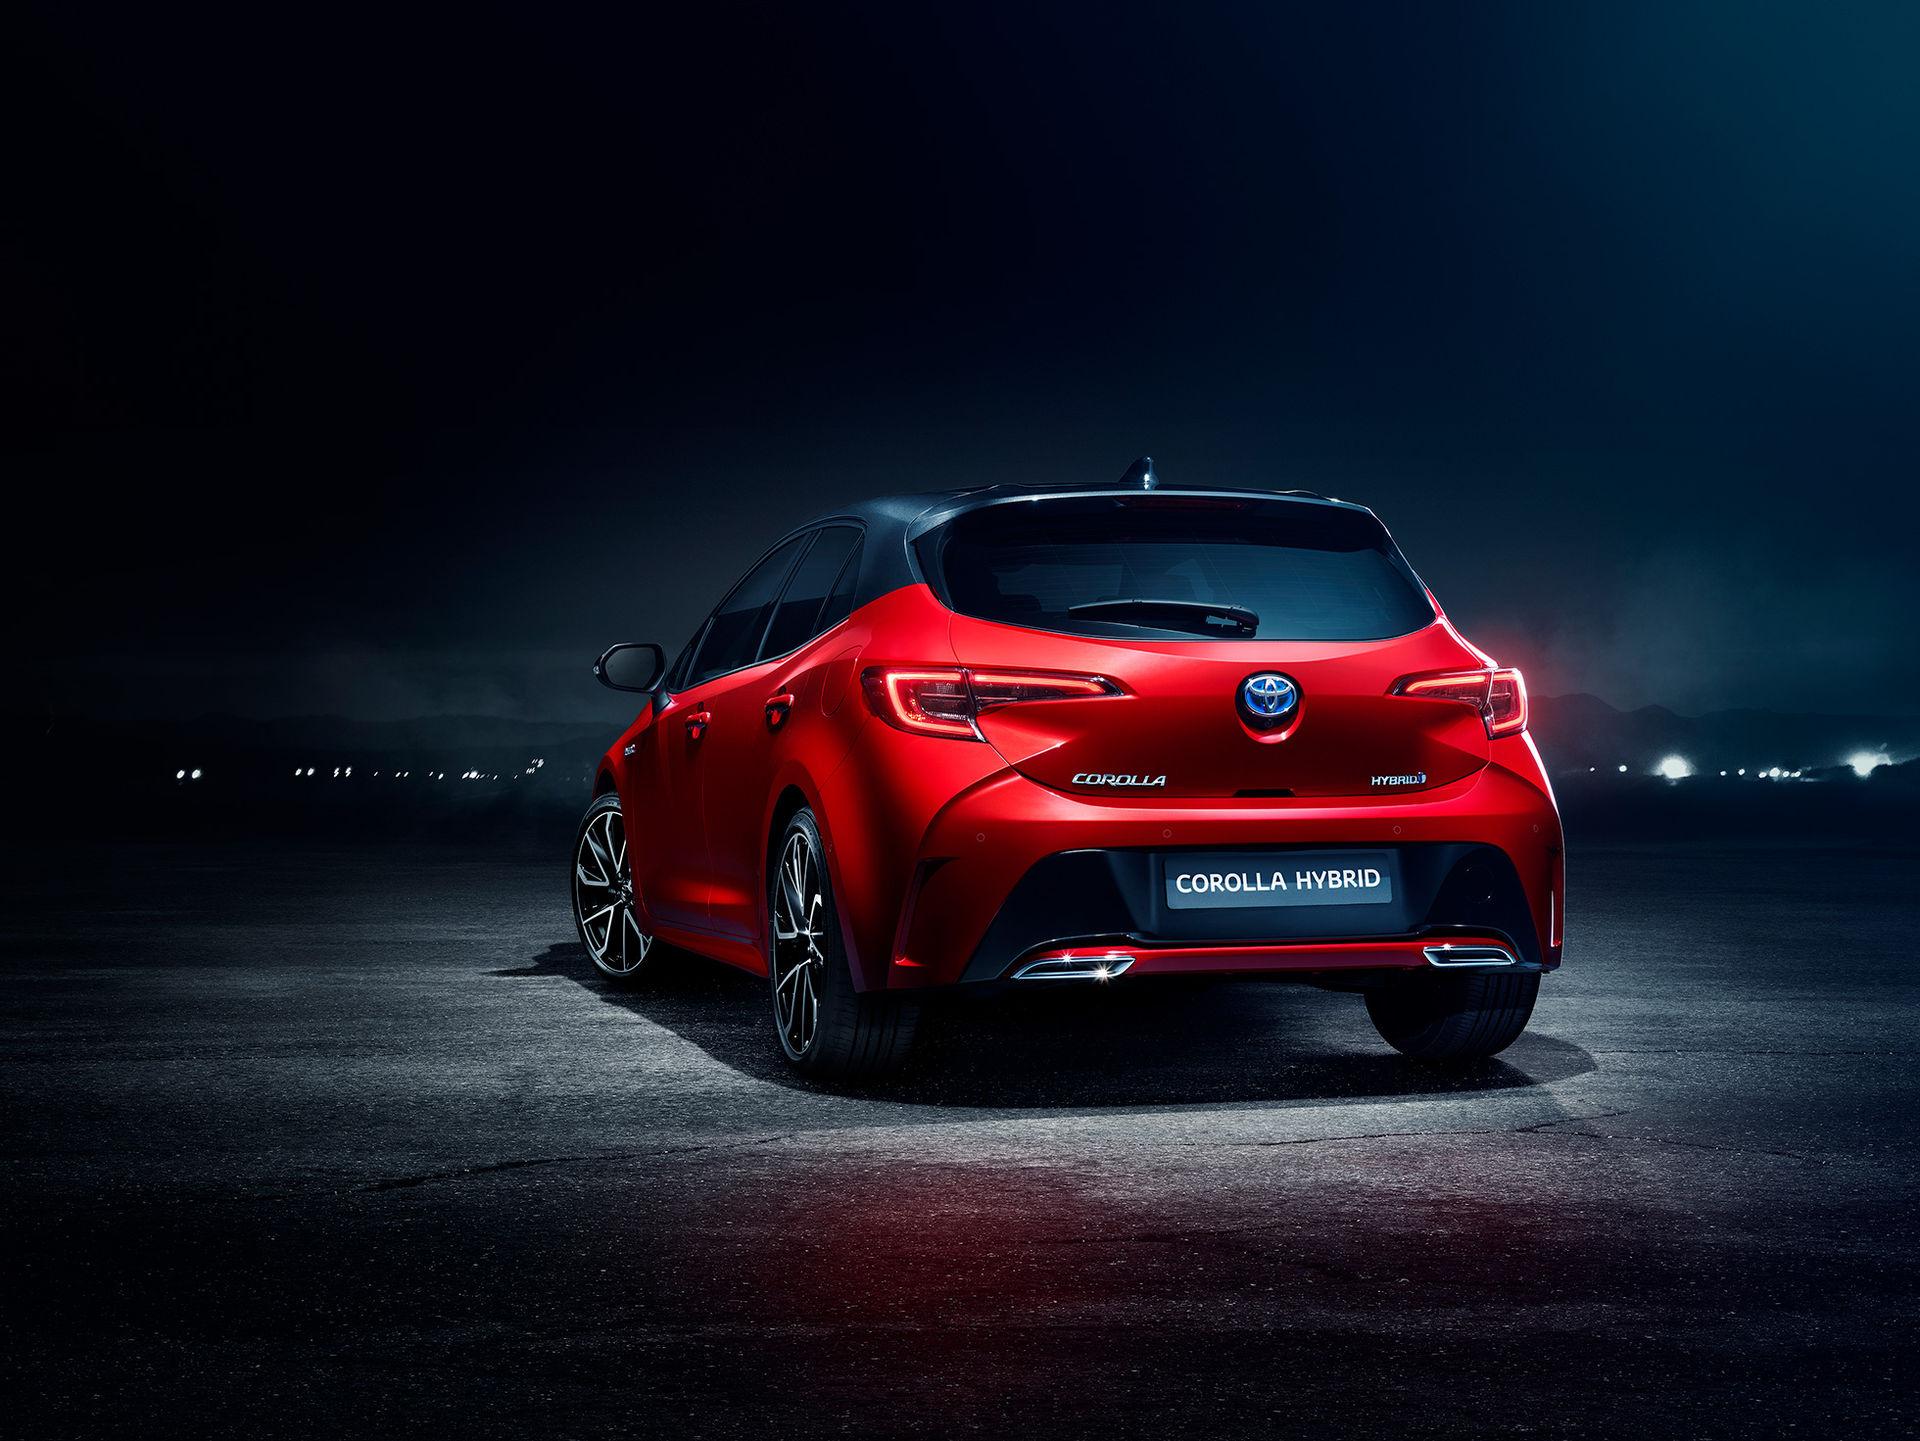 Toyota återupplivar modellnamnet Corolla